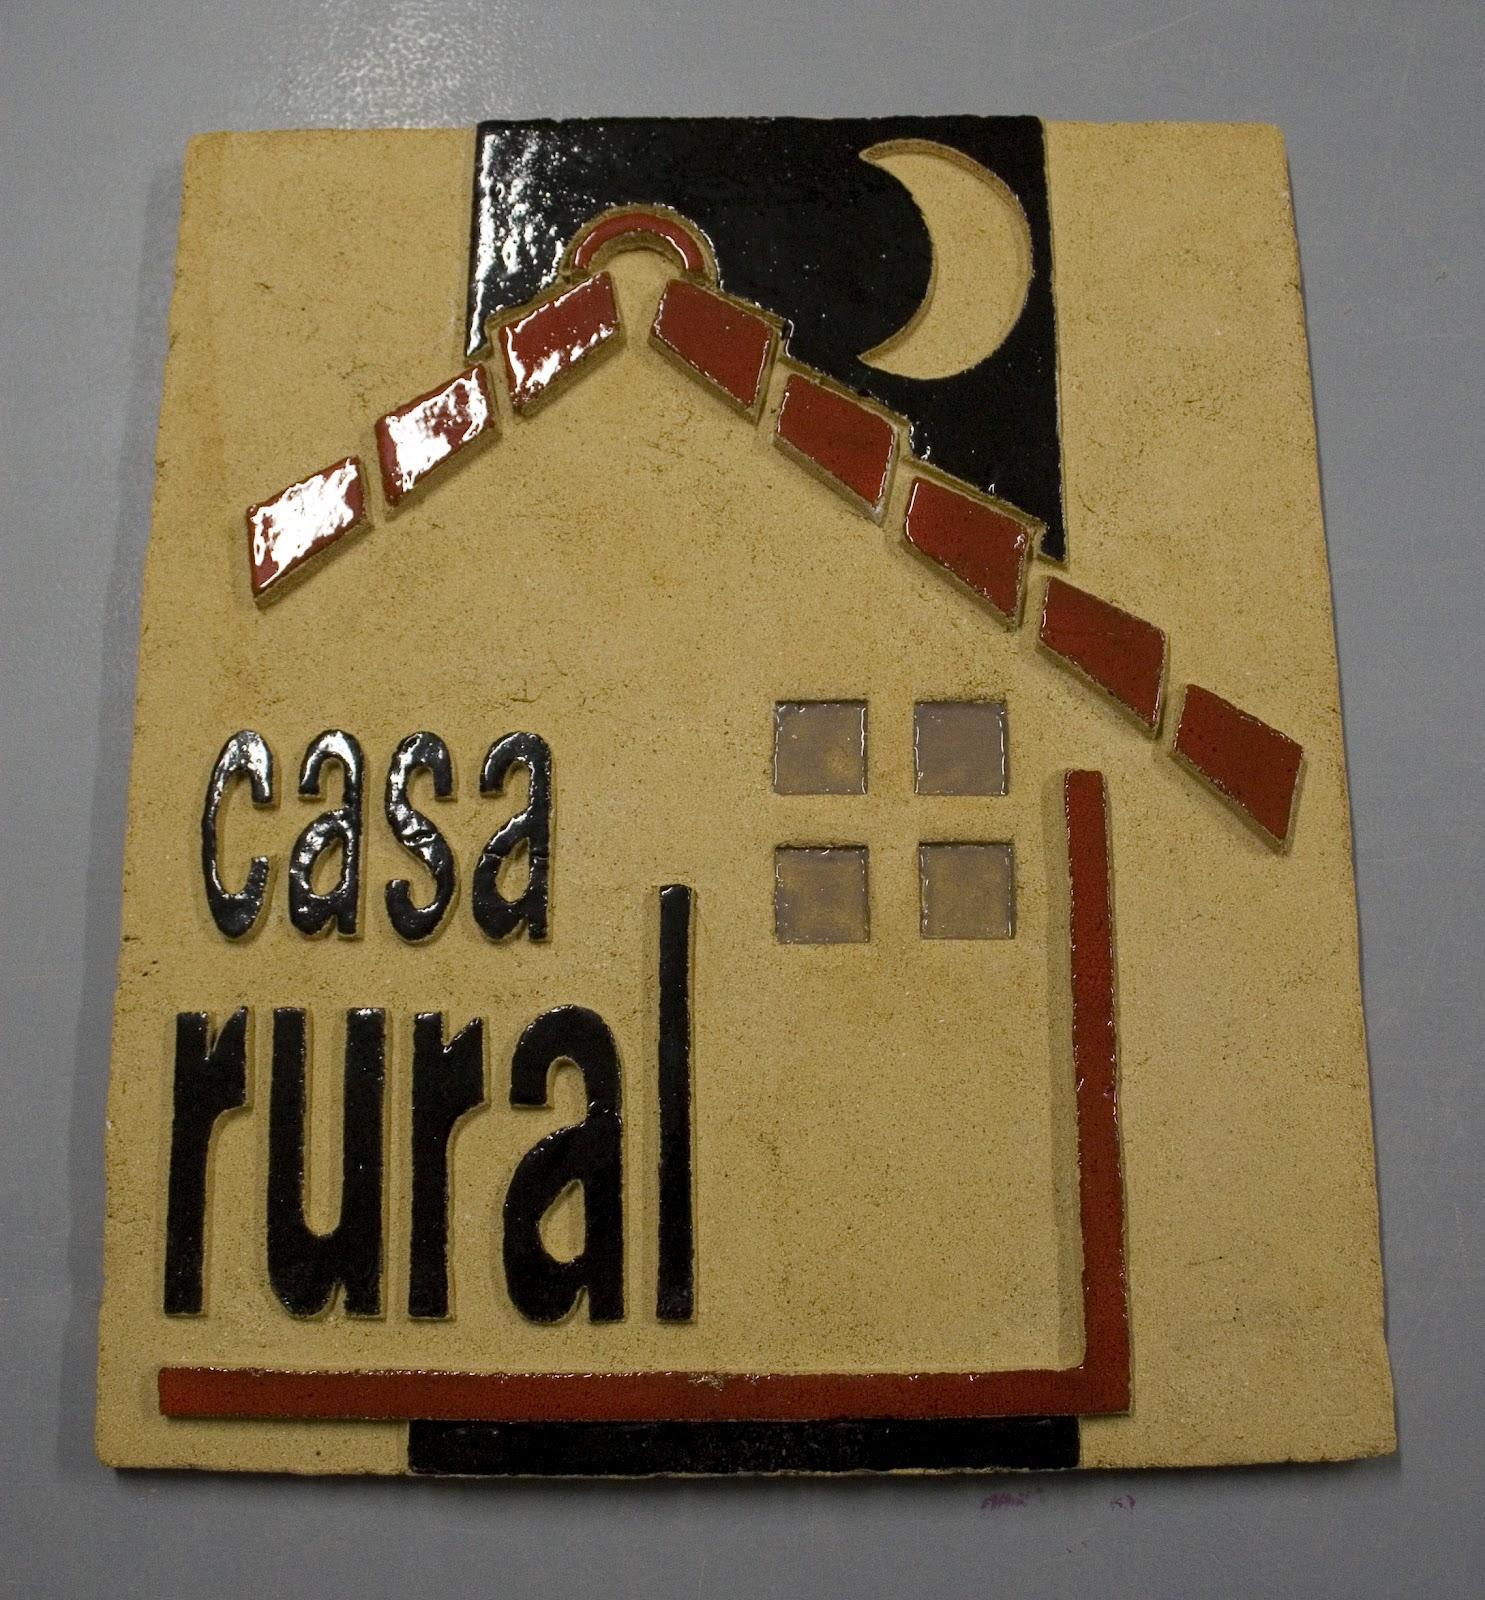 The craftsman placa de ceramica casa rural - Requisitos para montar una casa rural ...